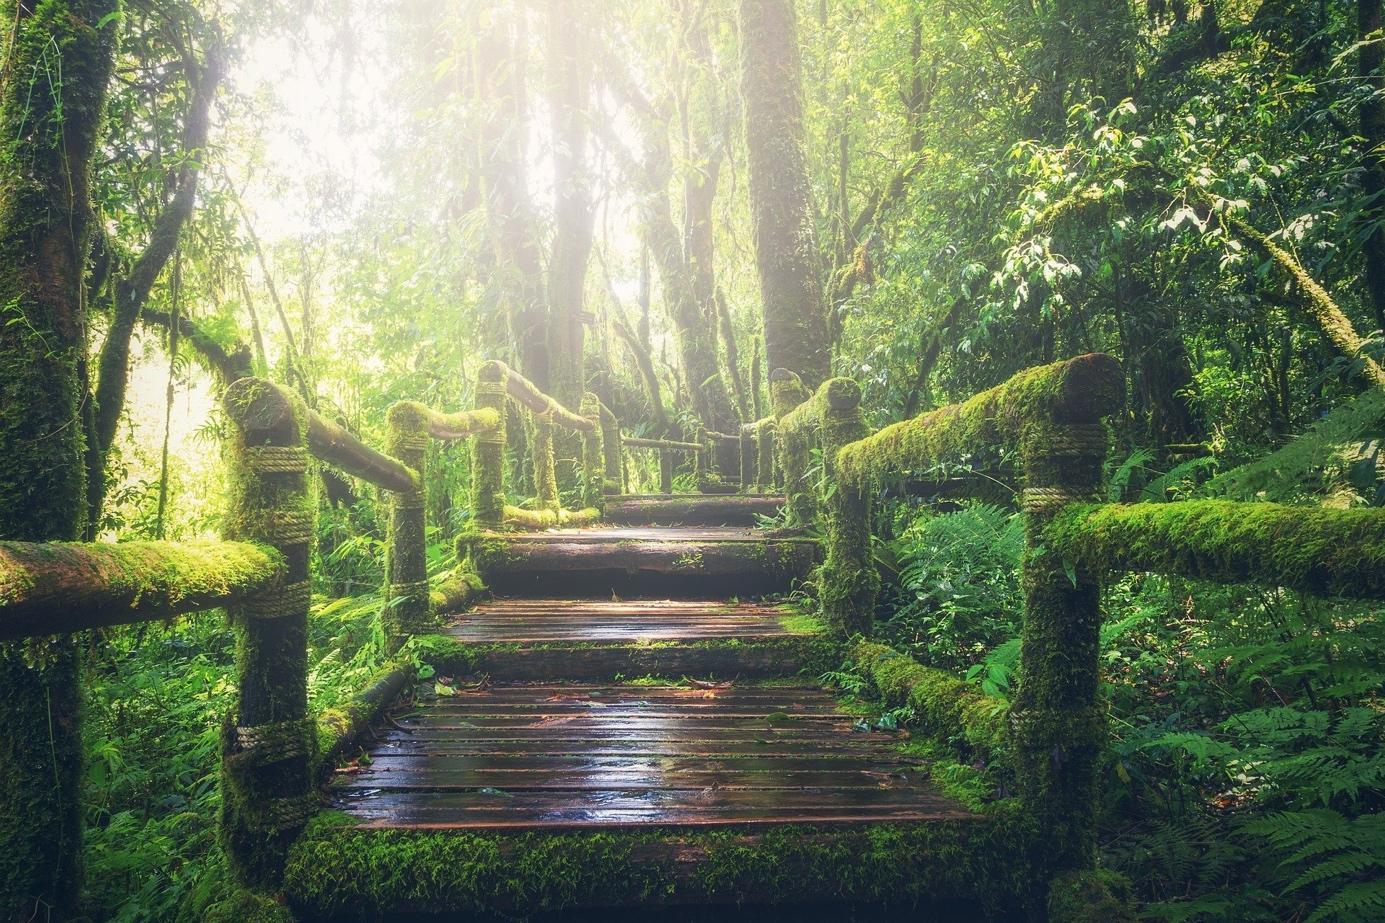 Une image contenant arbre, herbe, extérieur, forêt  Description générée automatiquement